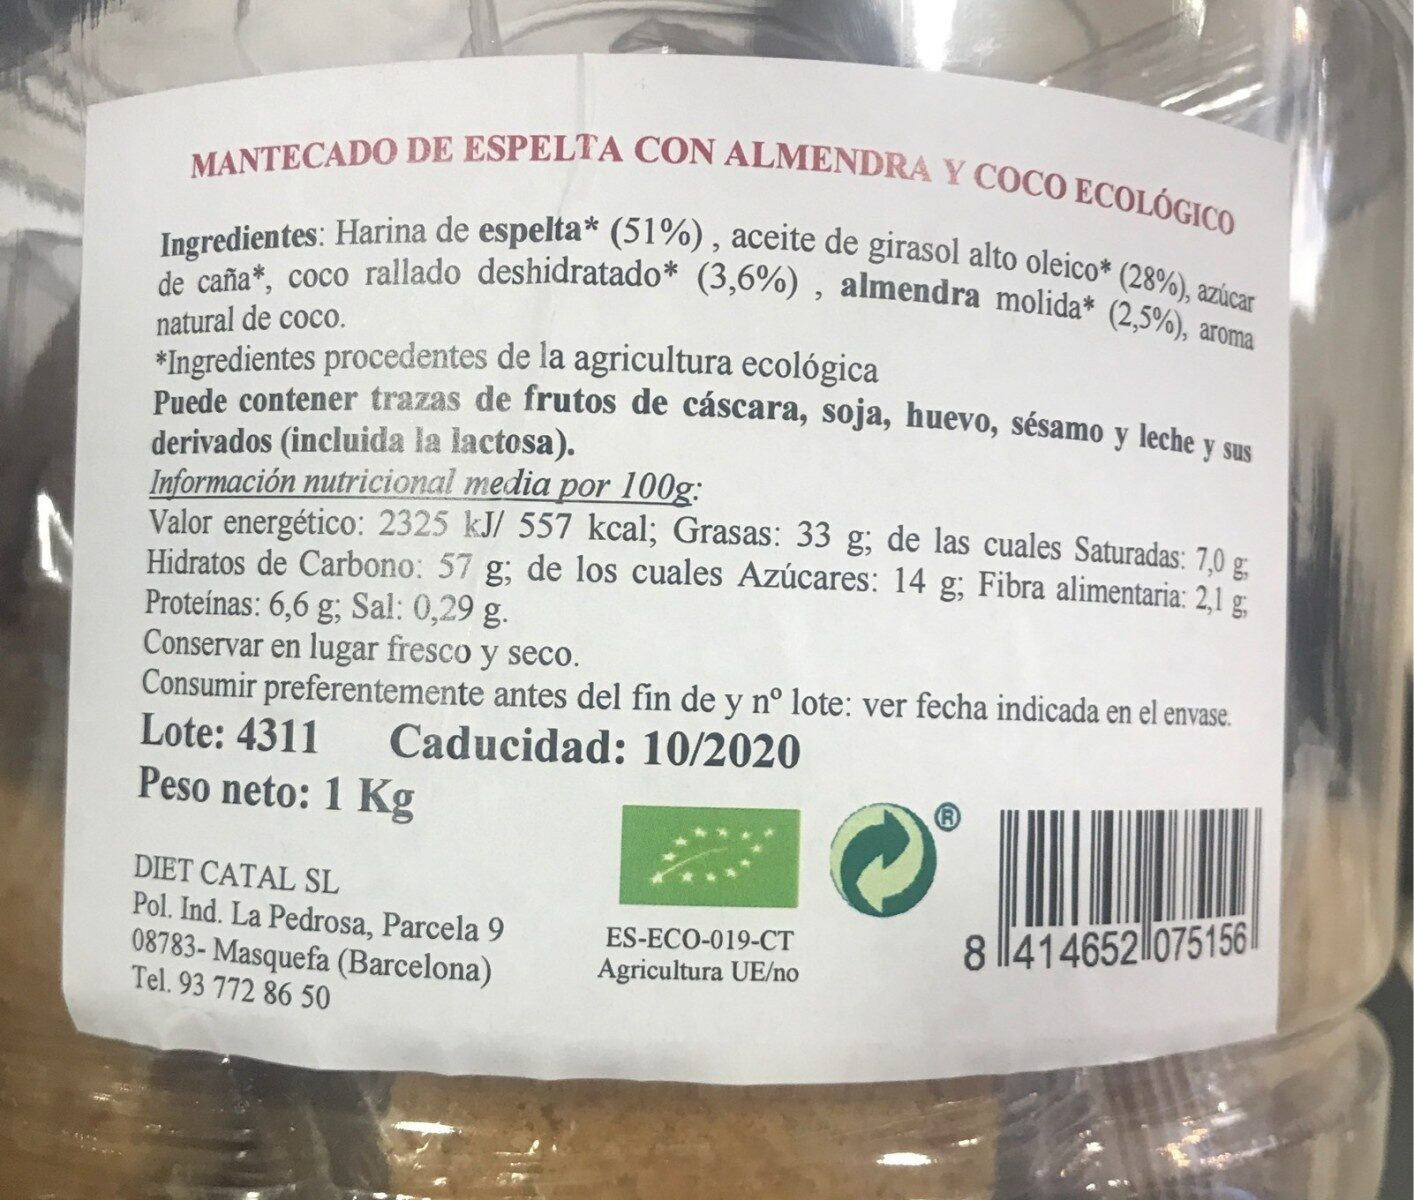 Mantecado de Espelta - Información nutricional - es